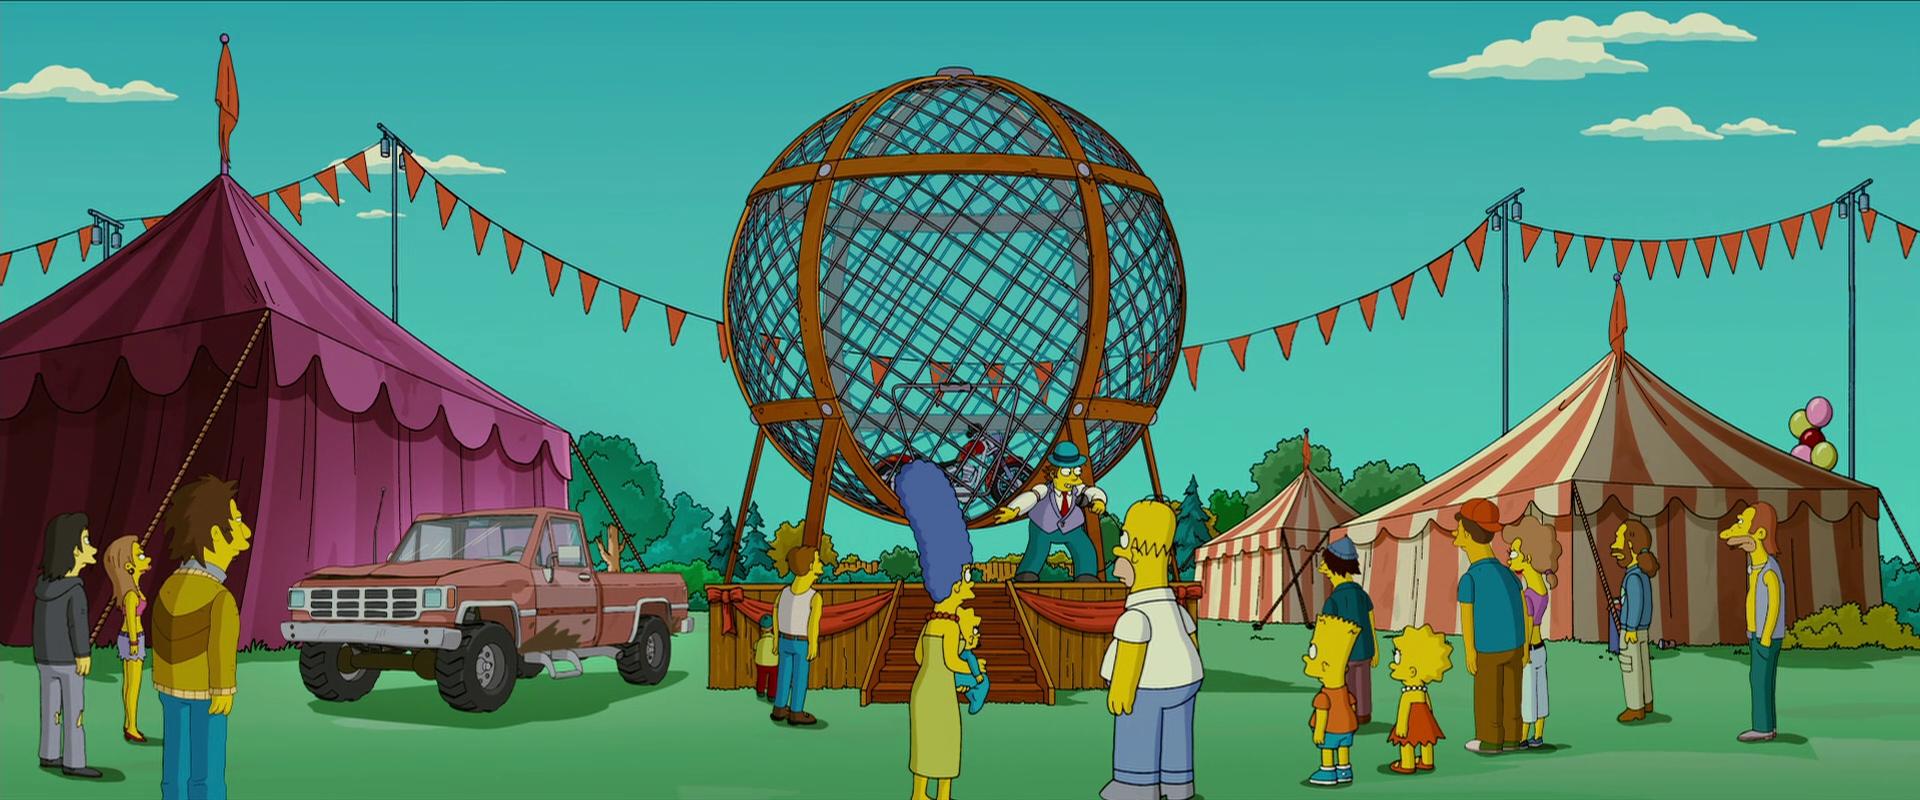 The Simpsons Movie Quotes Quotesgram